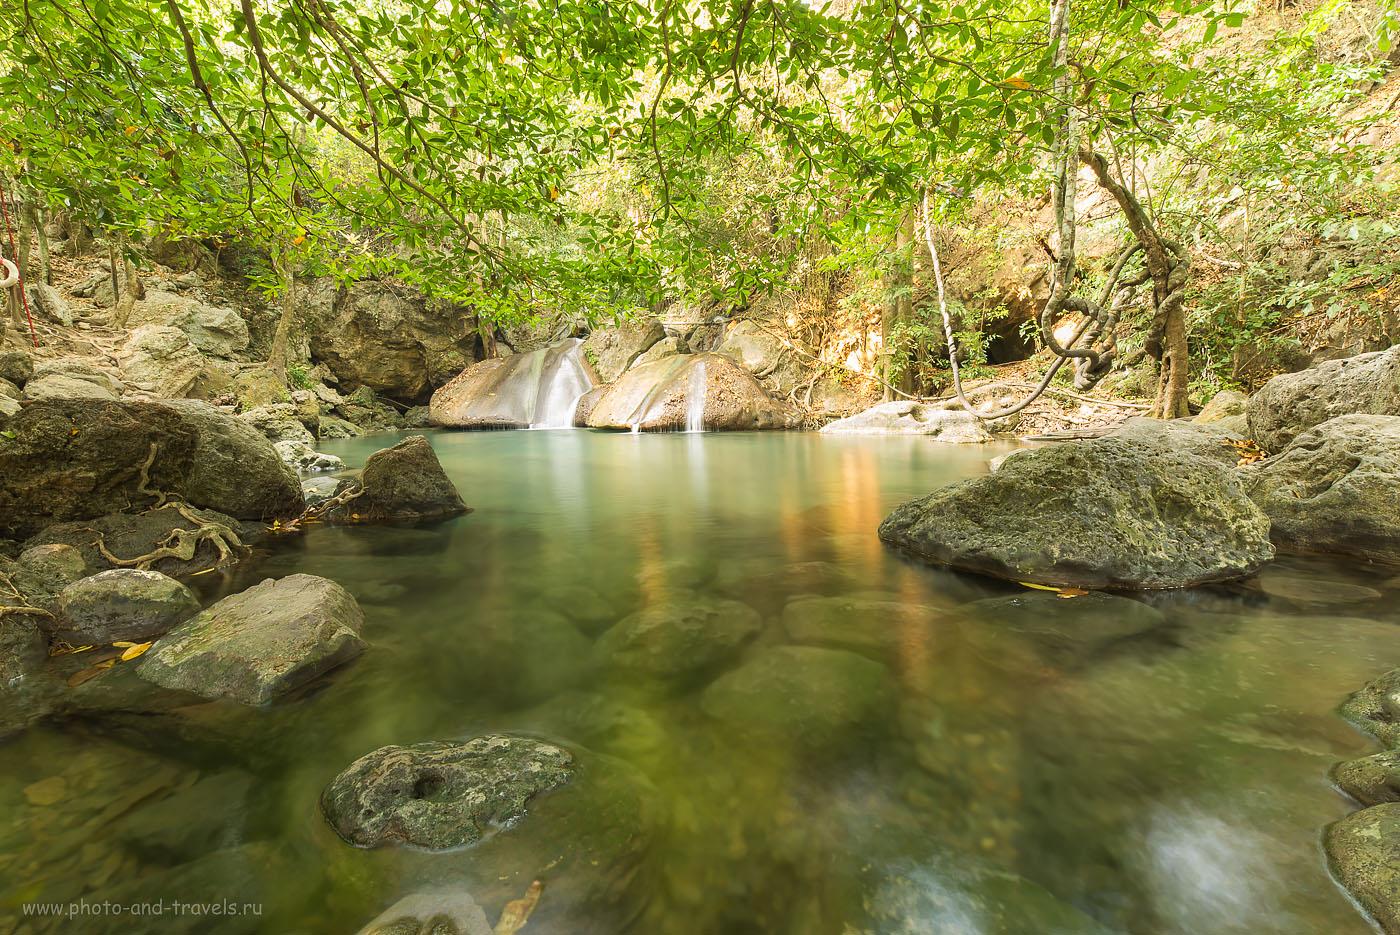 """Фотография 18. Четвертый уровень водопада Эраван (Erawan Falls). Глубина - с головкой. И здесь вас """"живьем"""" будут рыбки кушать. Тур по Таиланду за рулем арендованной машины."""